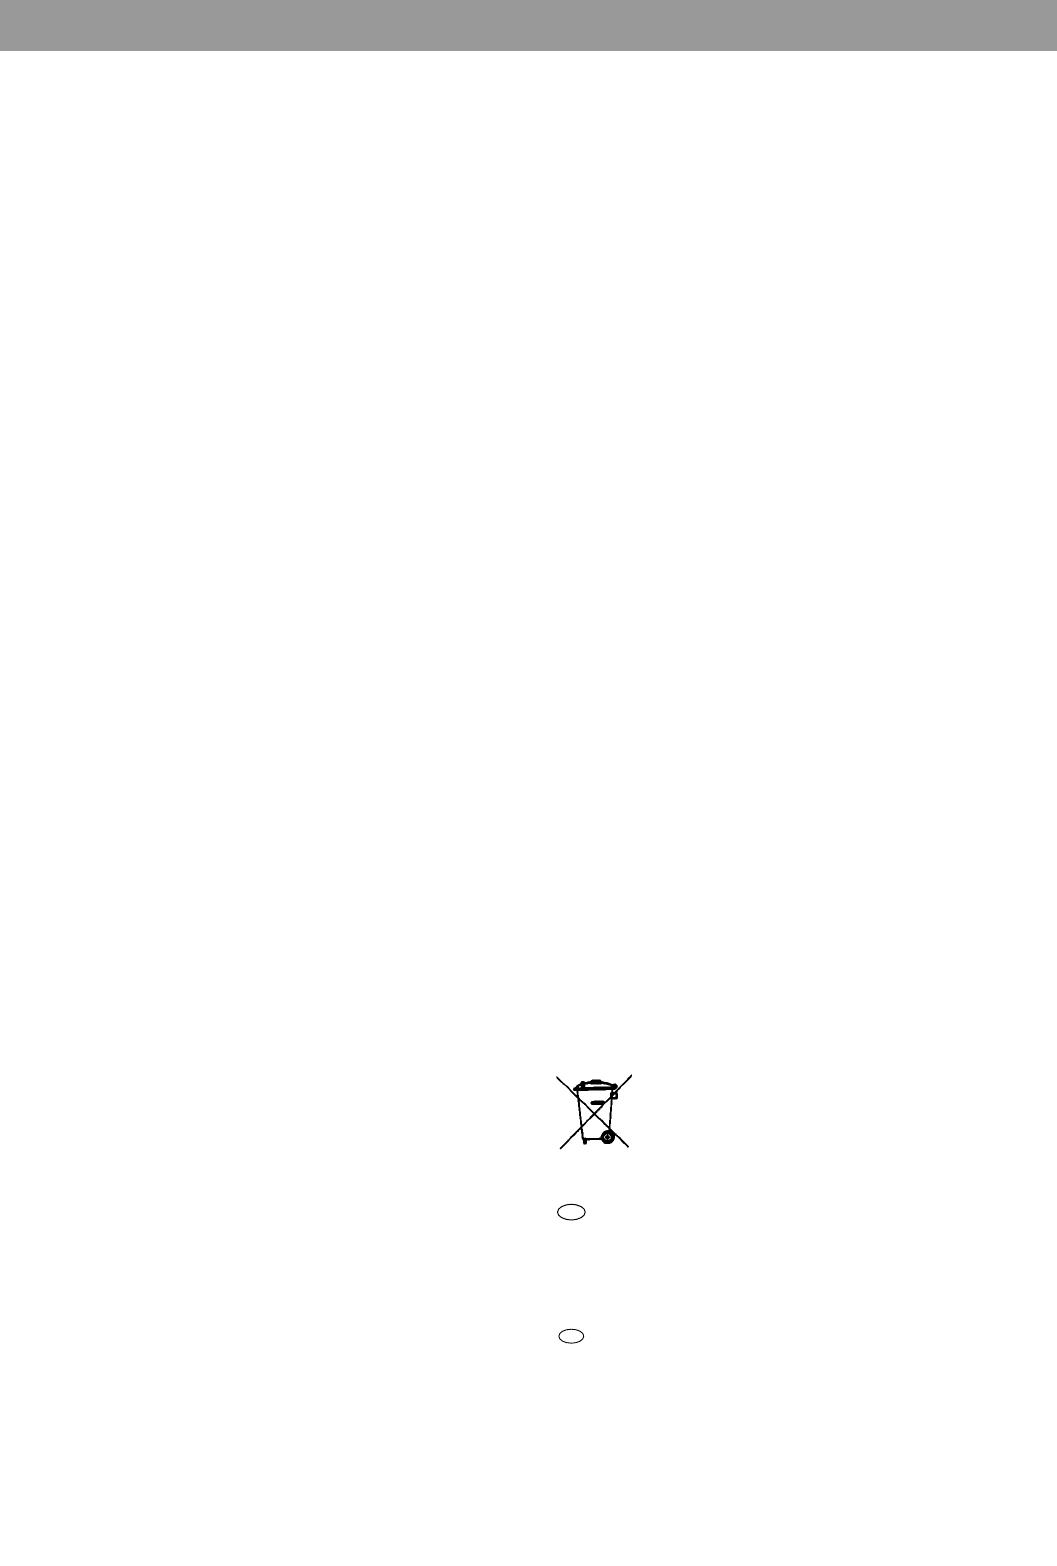 bedienungsanleitung kettler ergometer x5 07685 000 seite 5 von 24 deutsch englisch spanisch. Black Bedroom Furniture Sets. Home Design Ideas